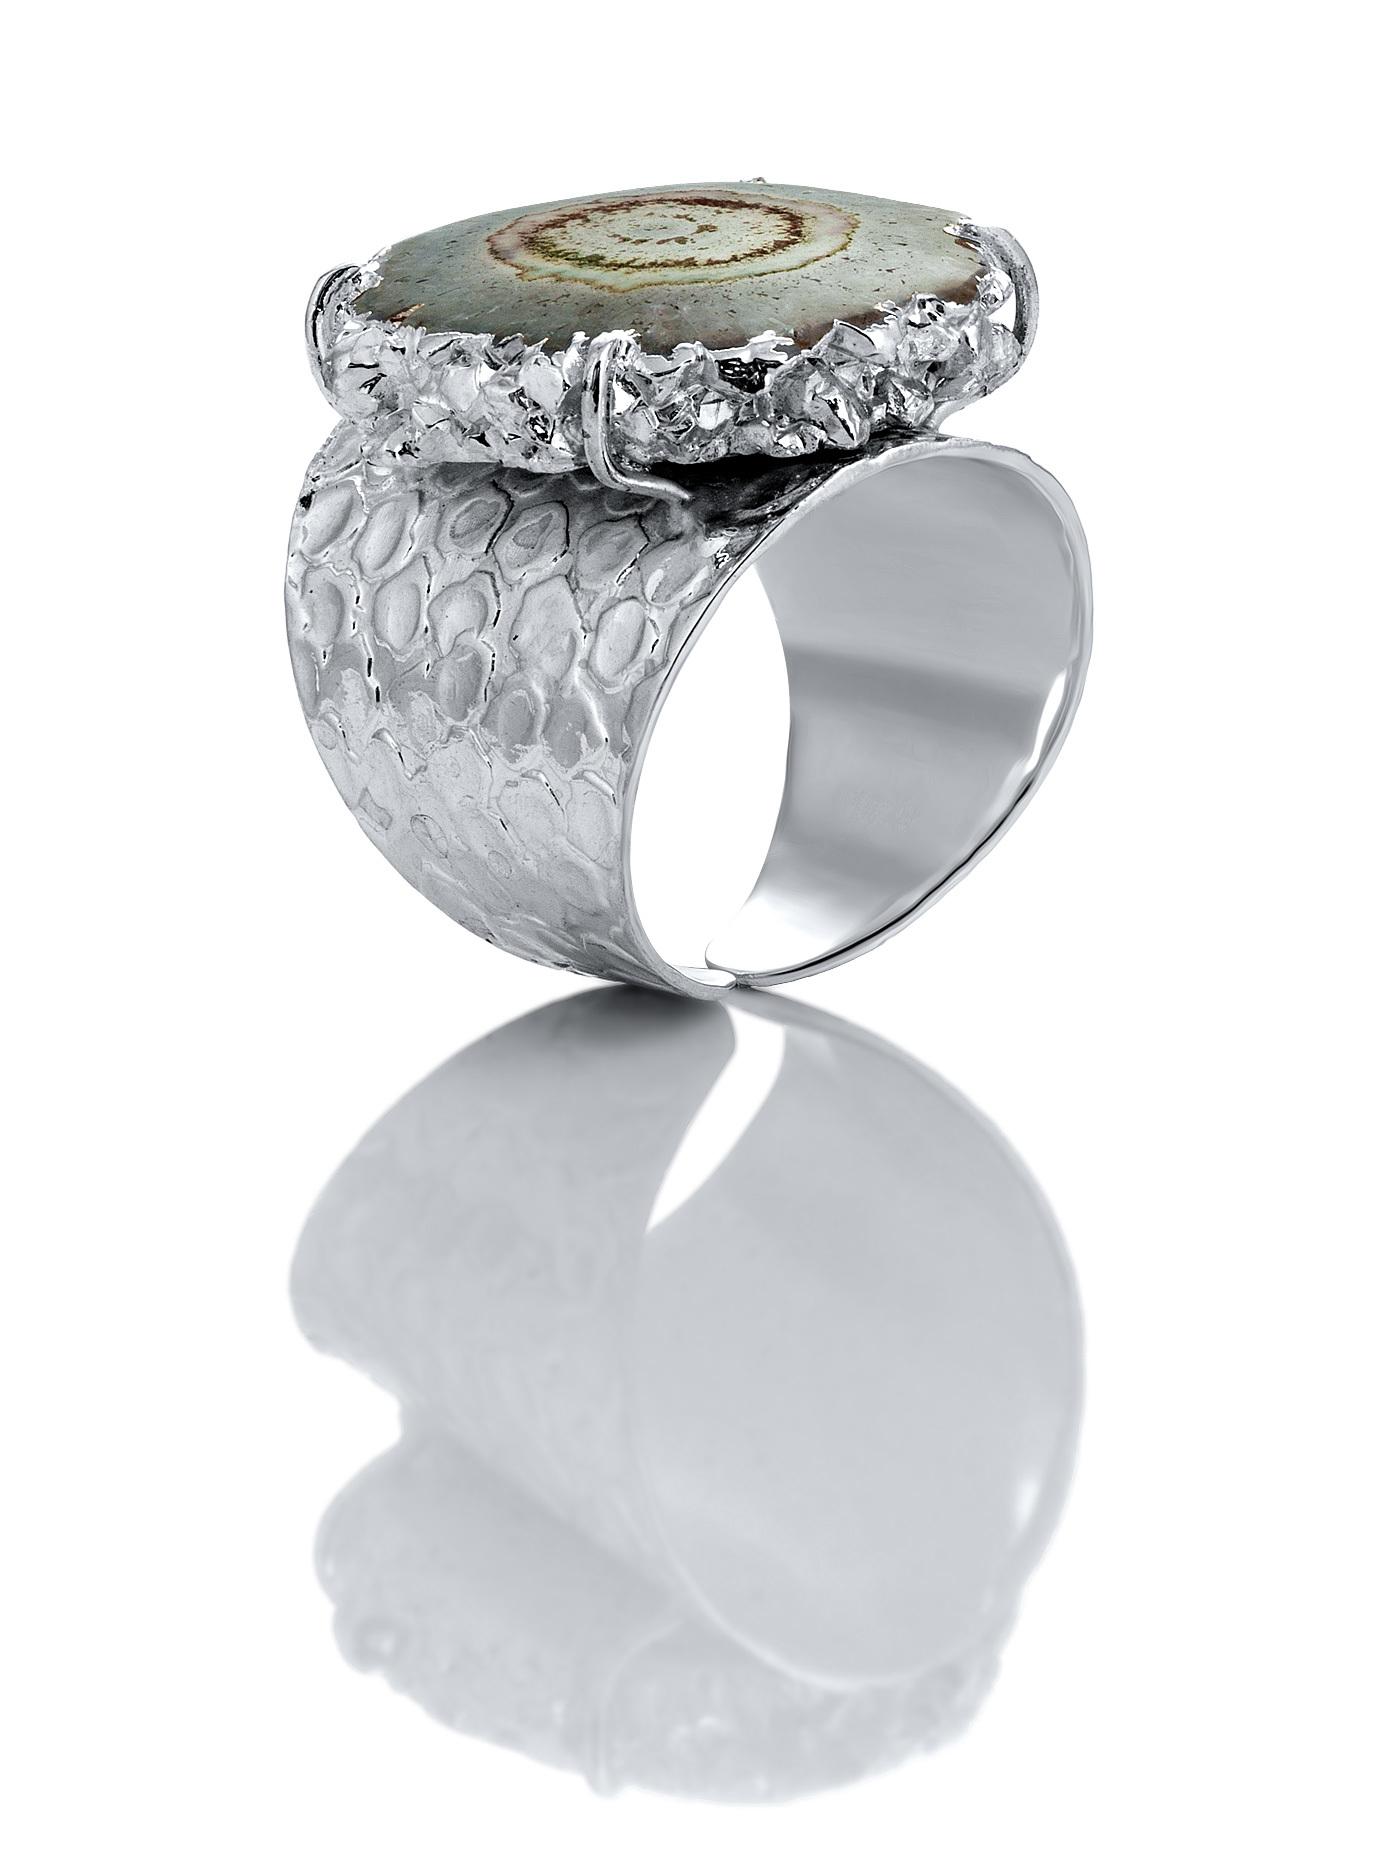 Дизайнерское кольцо с жеодой агата серого цвета